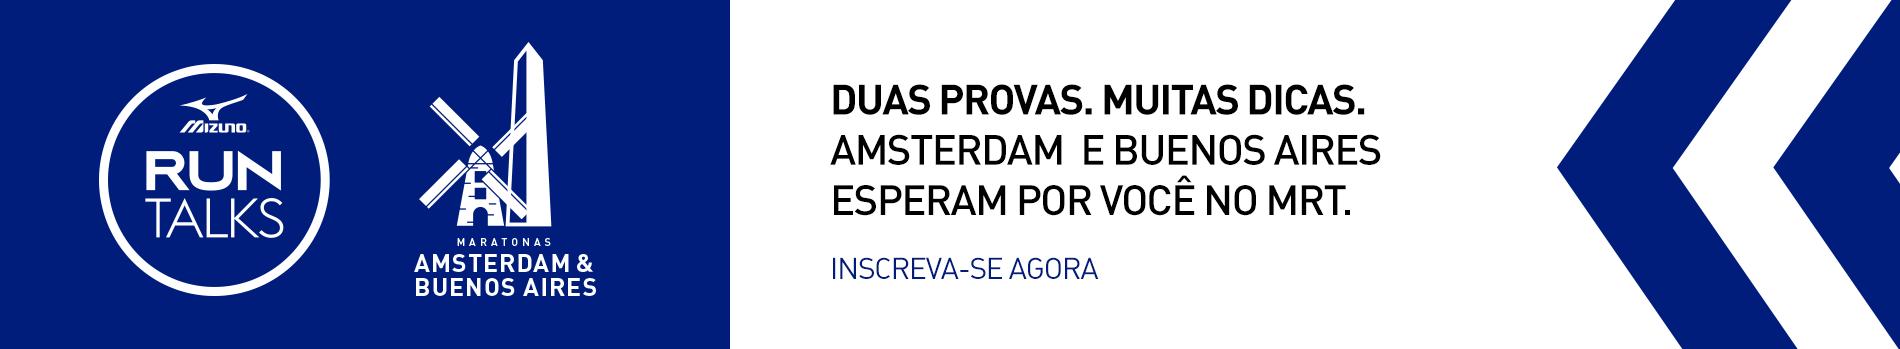 Mizuno Run Talks - Maratona de Buenos Aires e Amsterdam